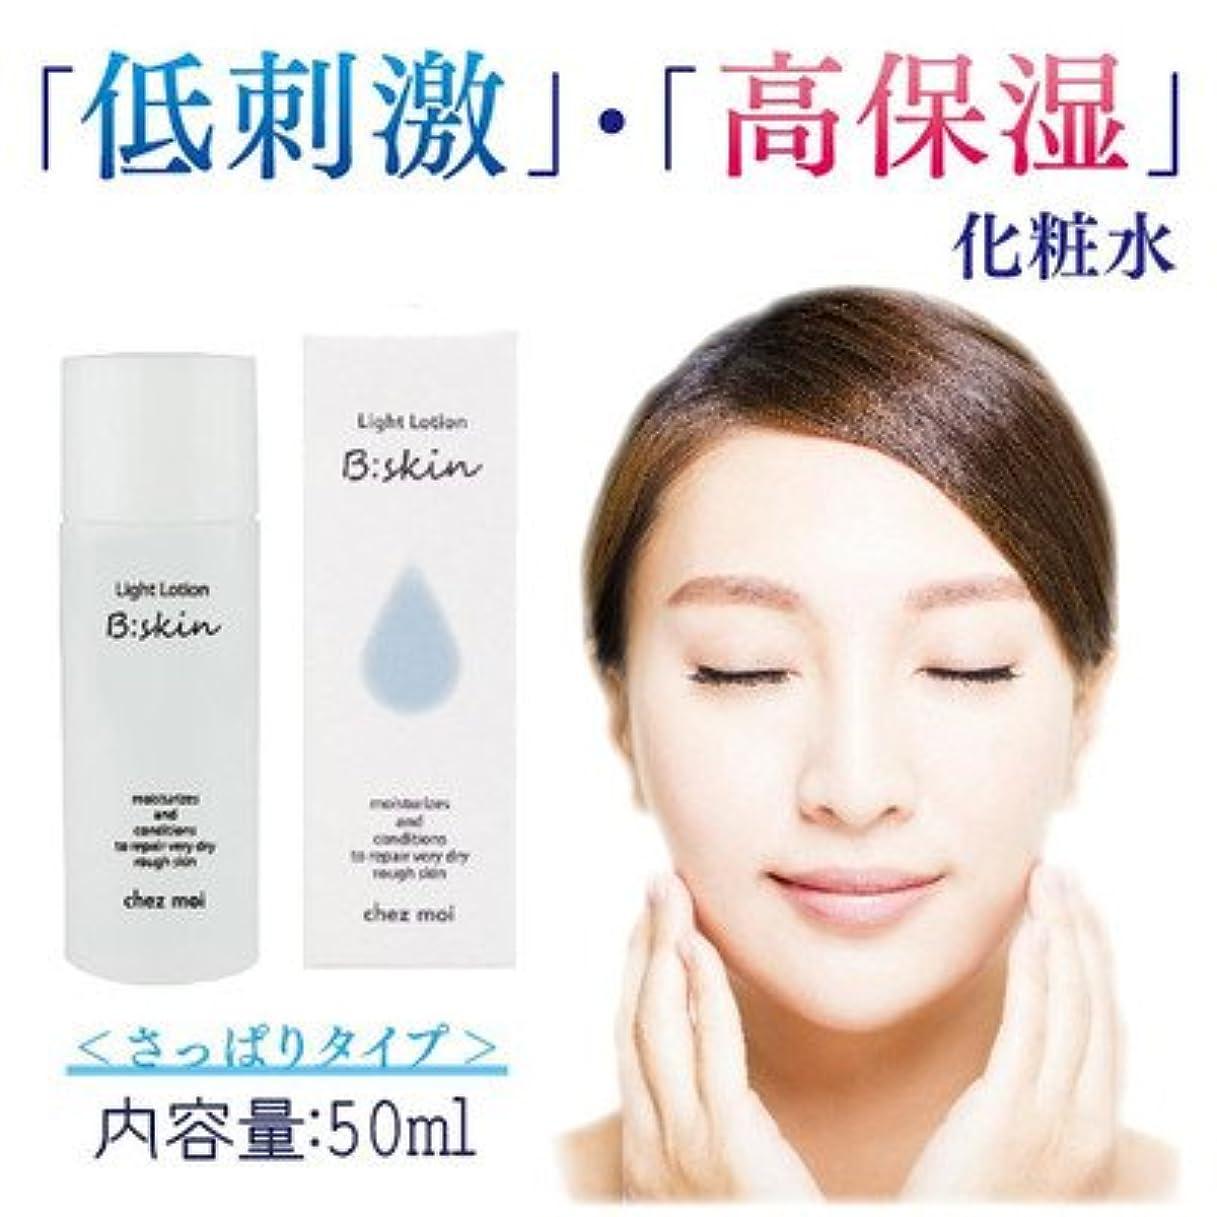 ホイットニー先史時代の収束する低刺激 高保湿 さっぱりタイプの化粧水 B:skin ビースキン Light Lotion ライトローション さっぱりタイプ 化粧水 50mL